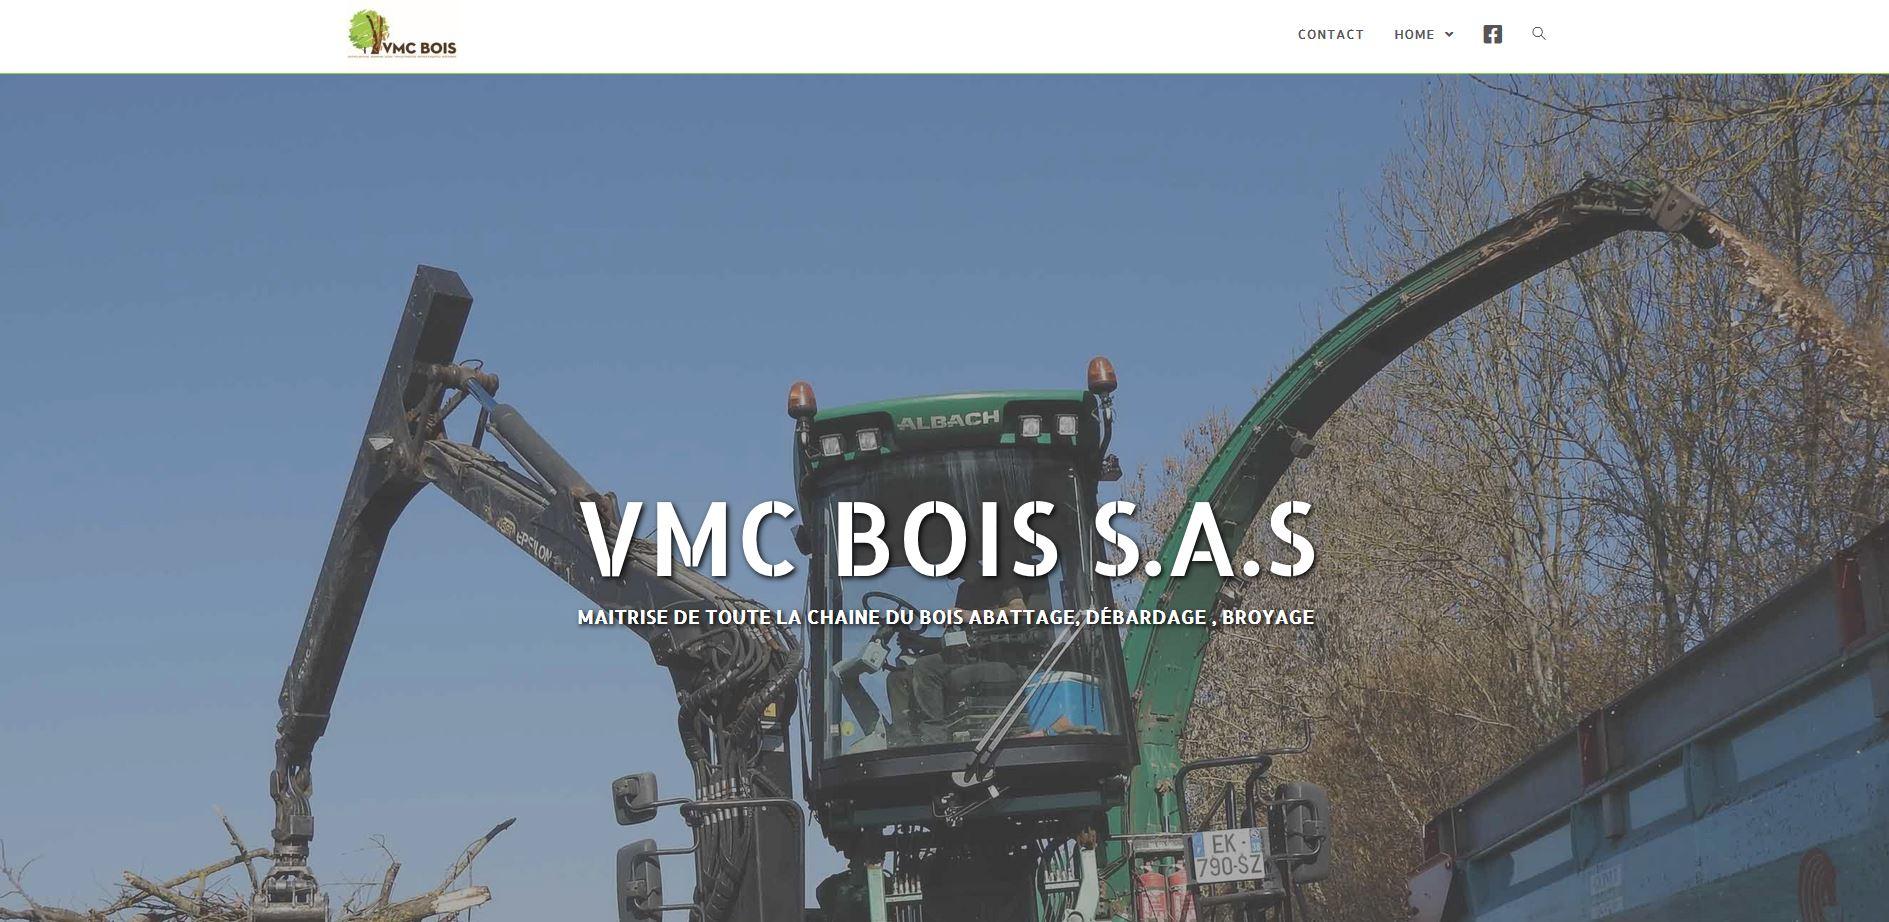 VMC Bois SAS